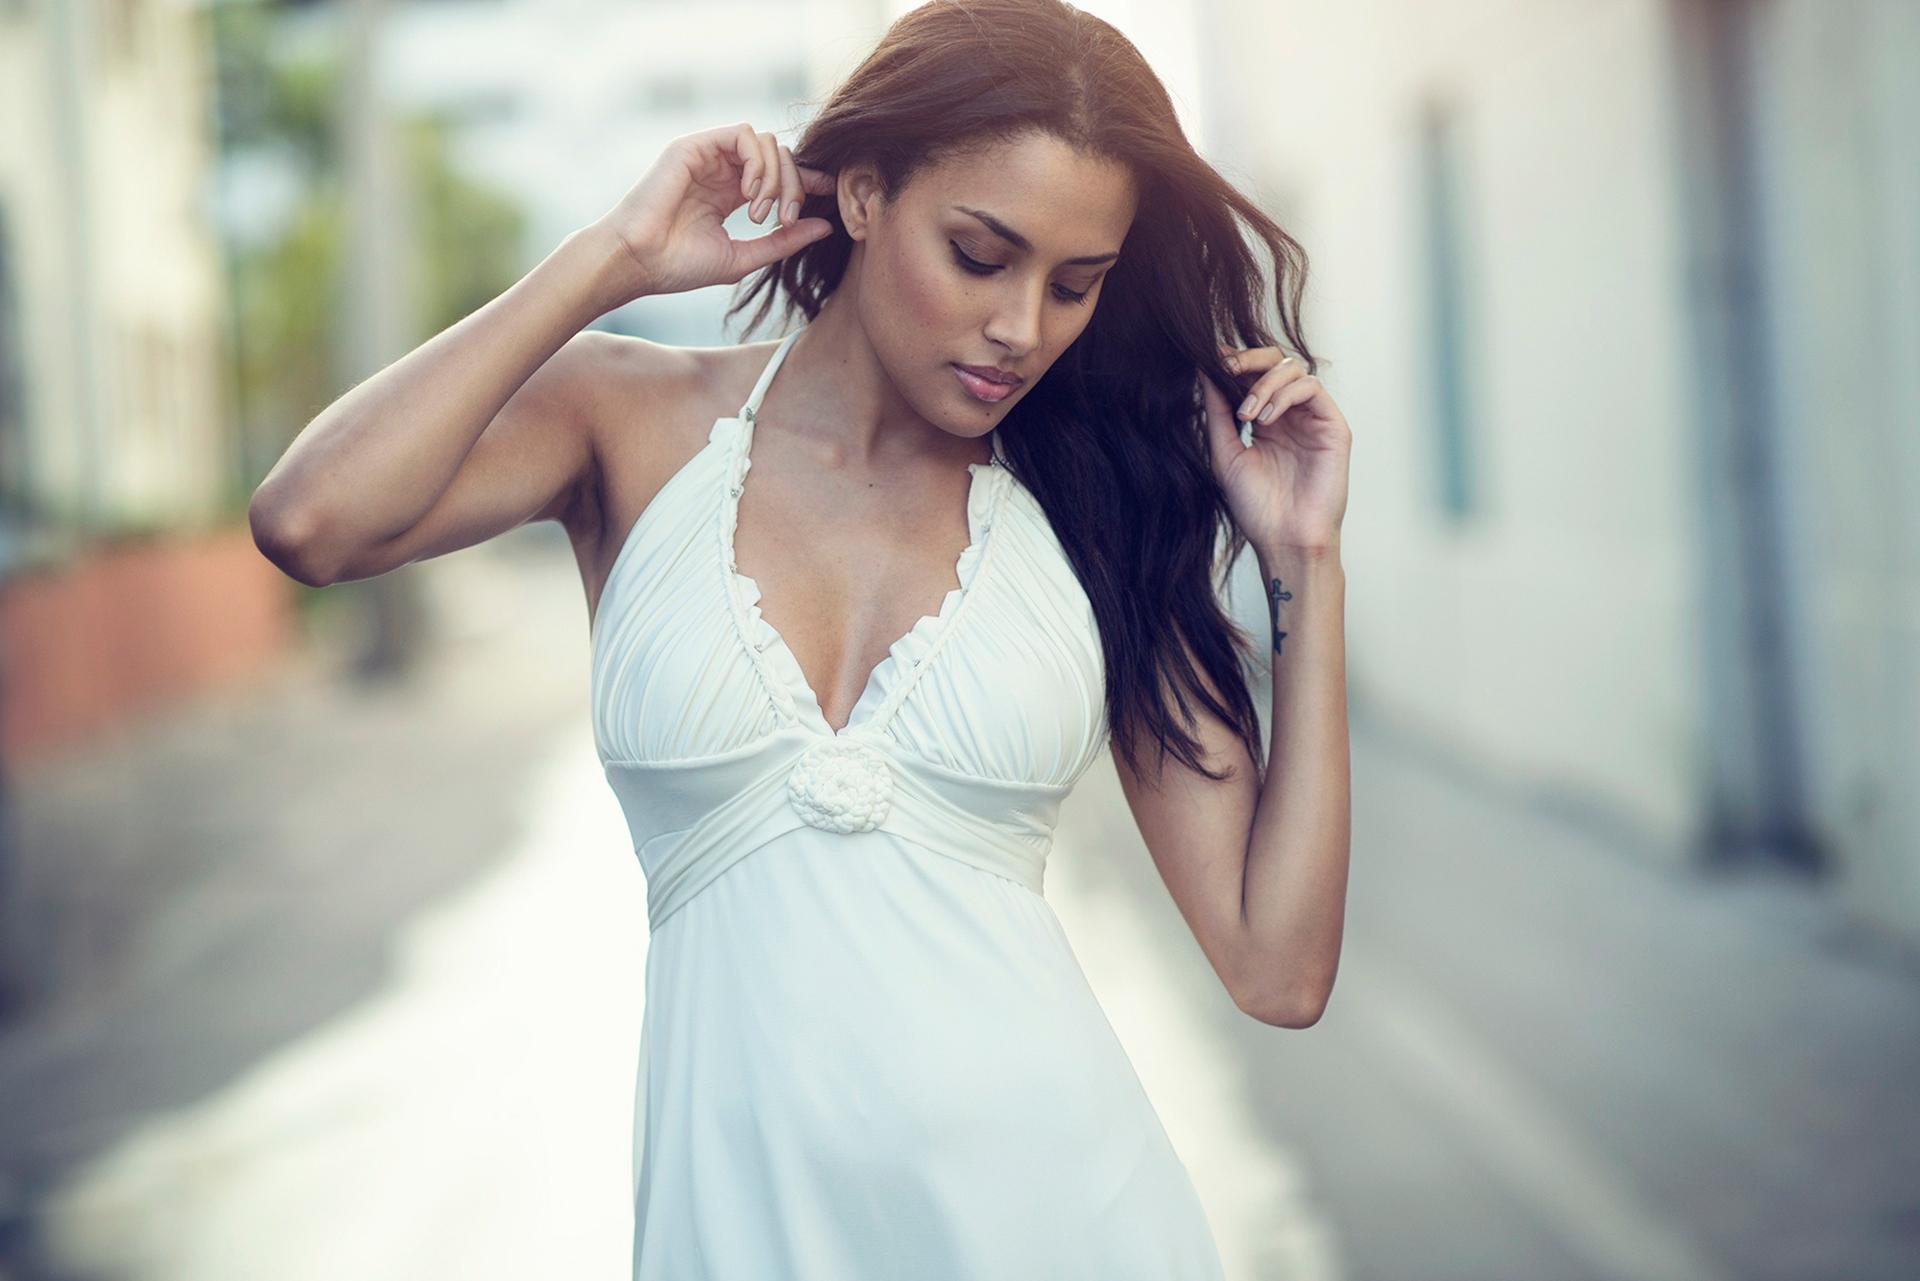 Стройная девушка в белом платье видео смотреть